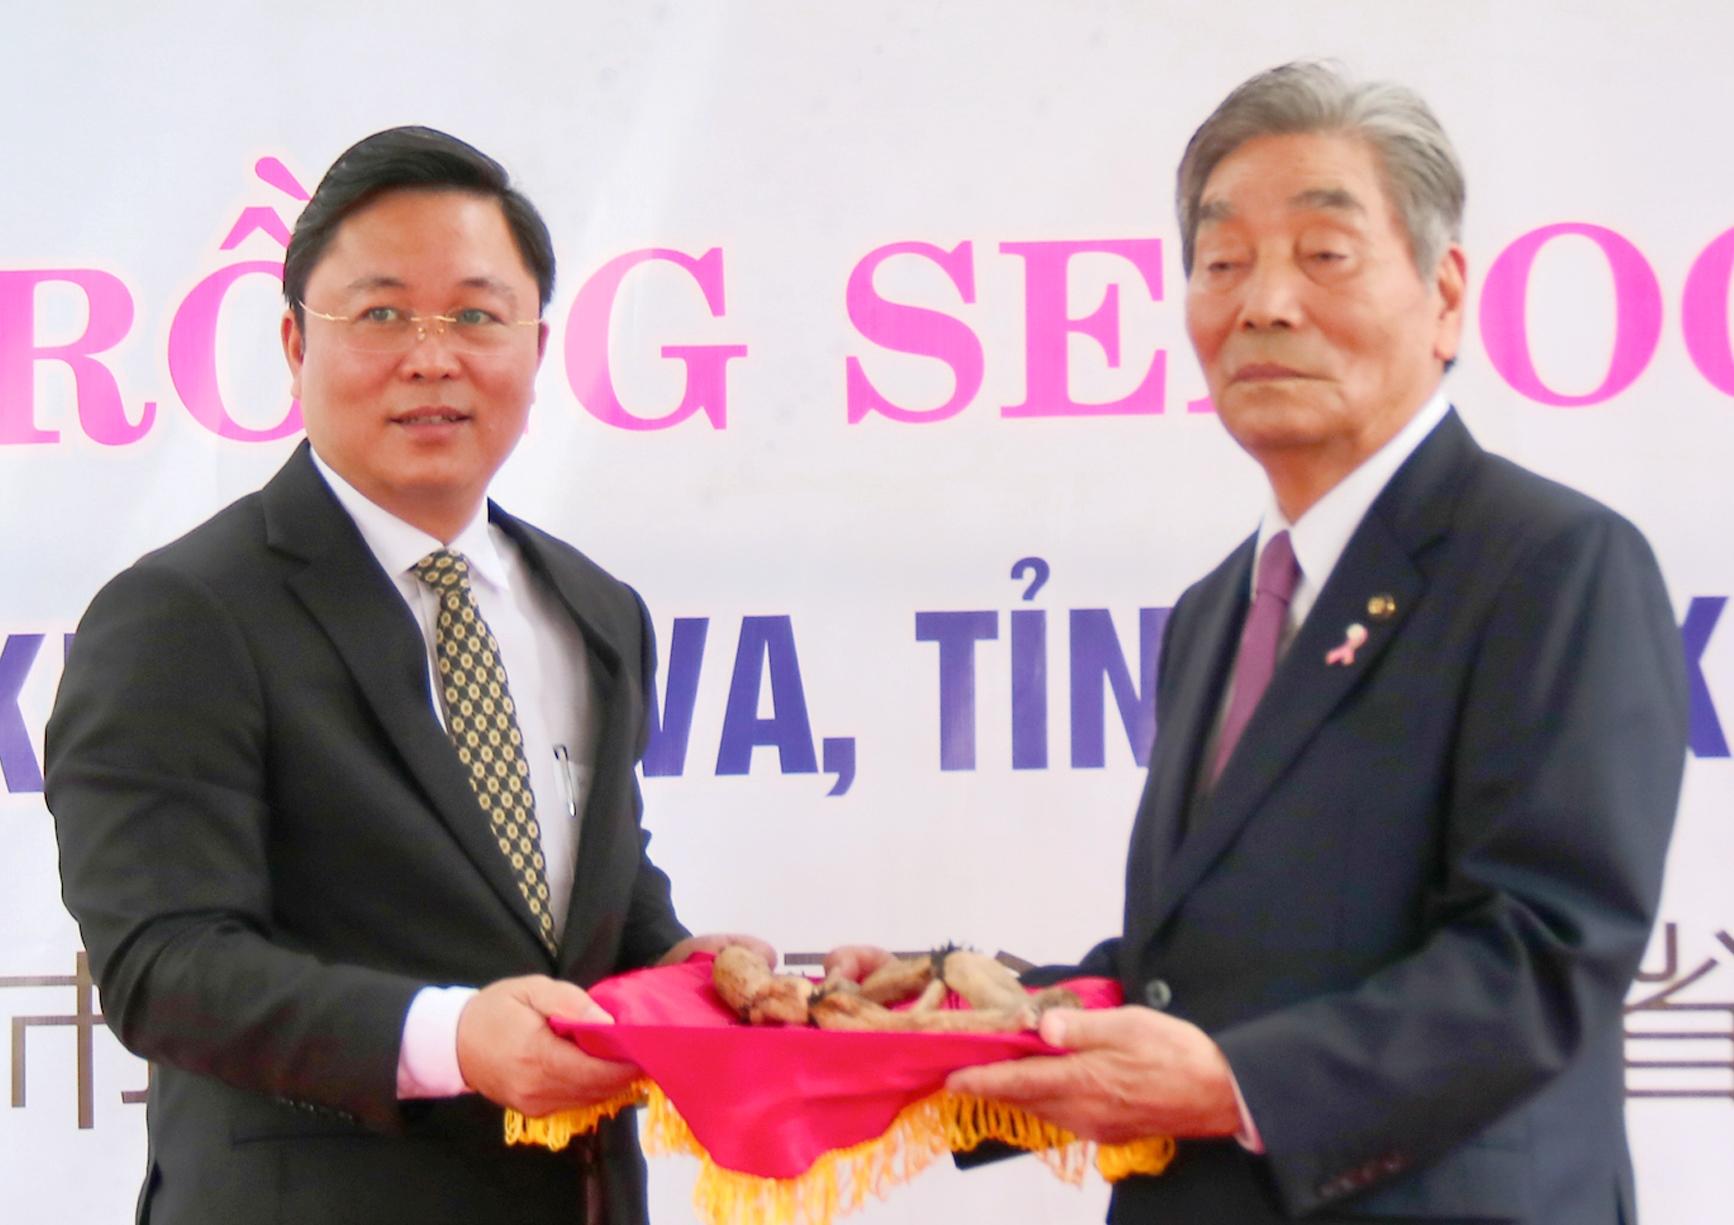 Ông Lê Trí Thanh (bên trái) Chủ tịch UBND tỉnh Quảng Nam nhận hoa sen từ đại diện nước Nhật Bản. Ảnh: HỮU TRÀ